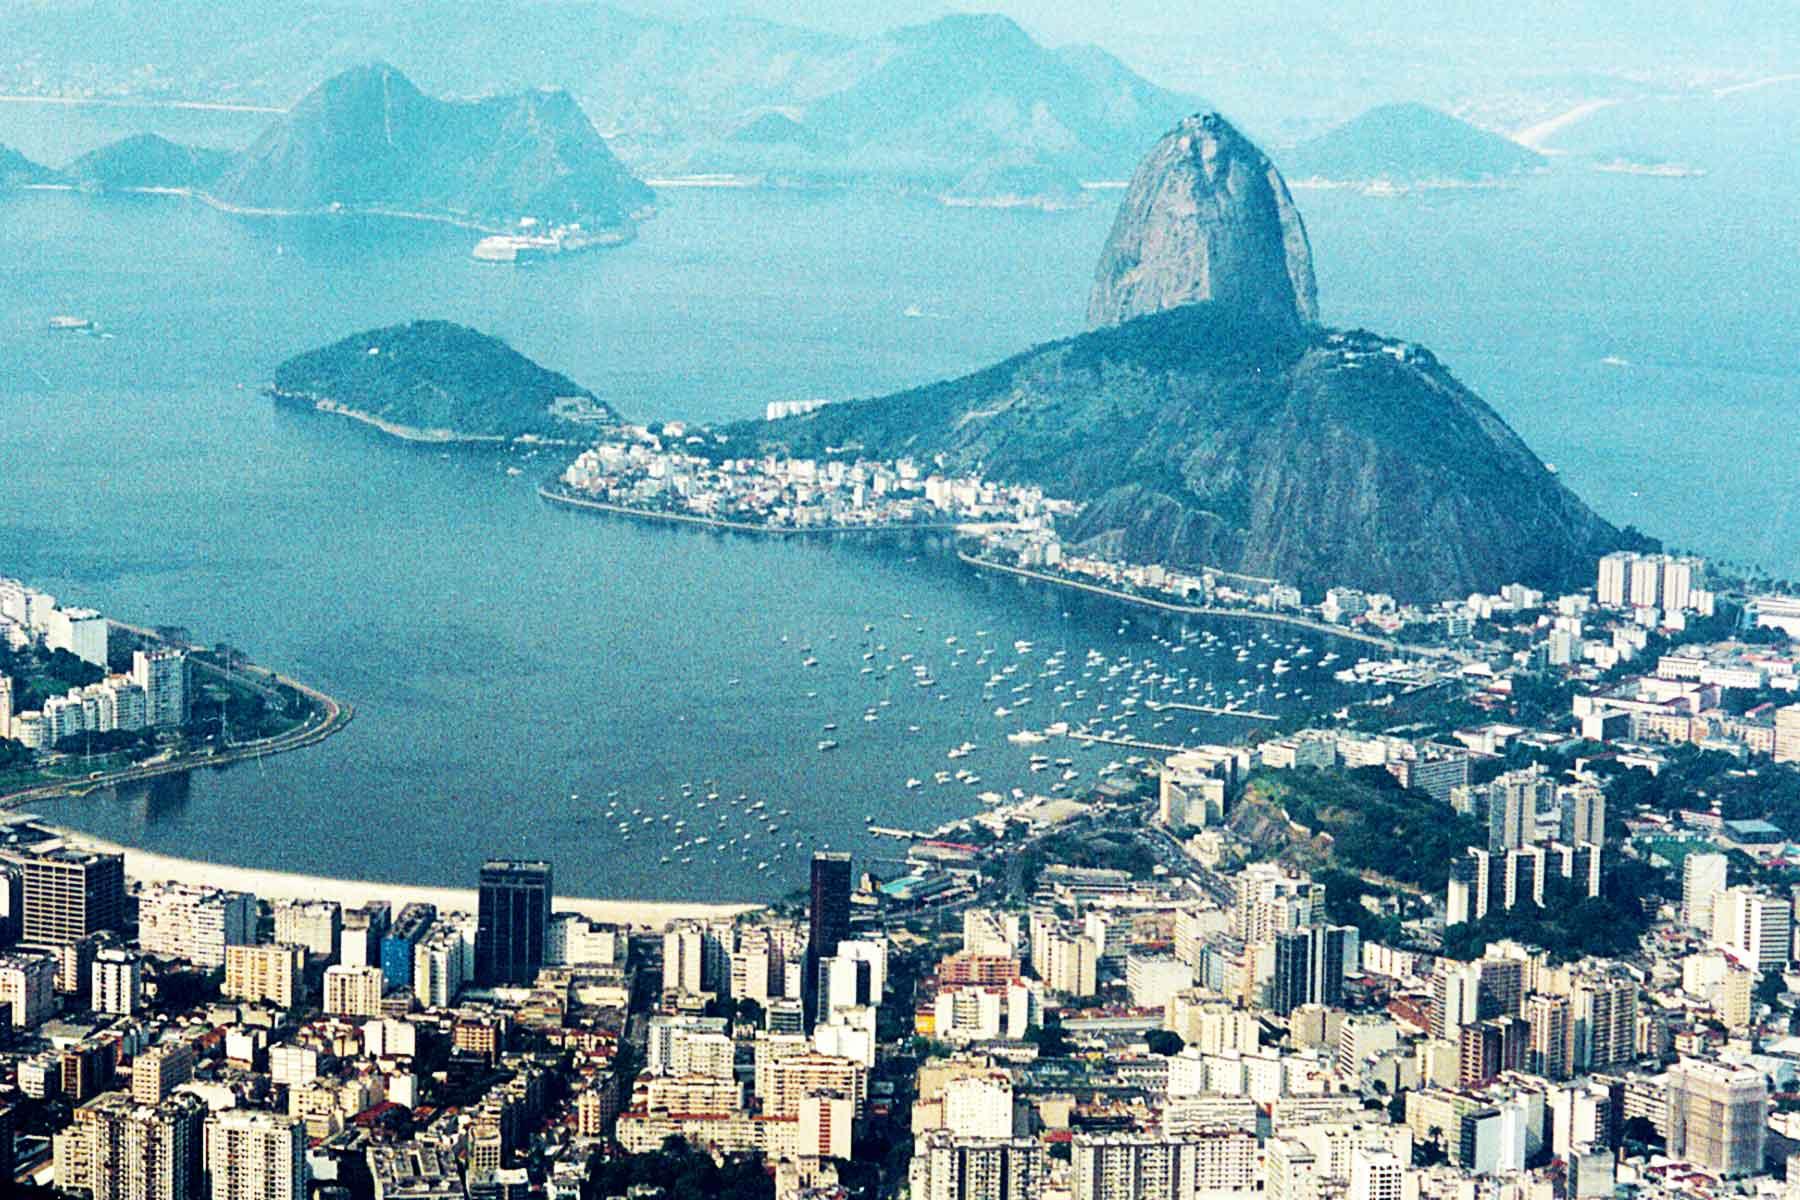 Brazil   Rio de Janeiro   Steven Andrew Martin   South America   Travel Journal   Dr Steven Martin